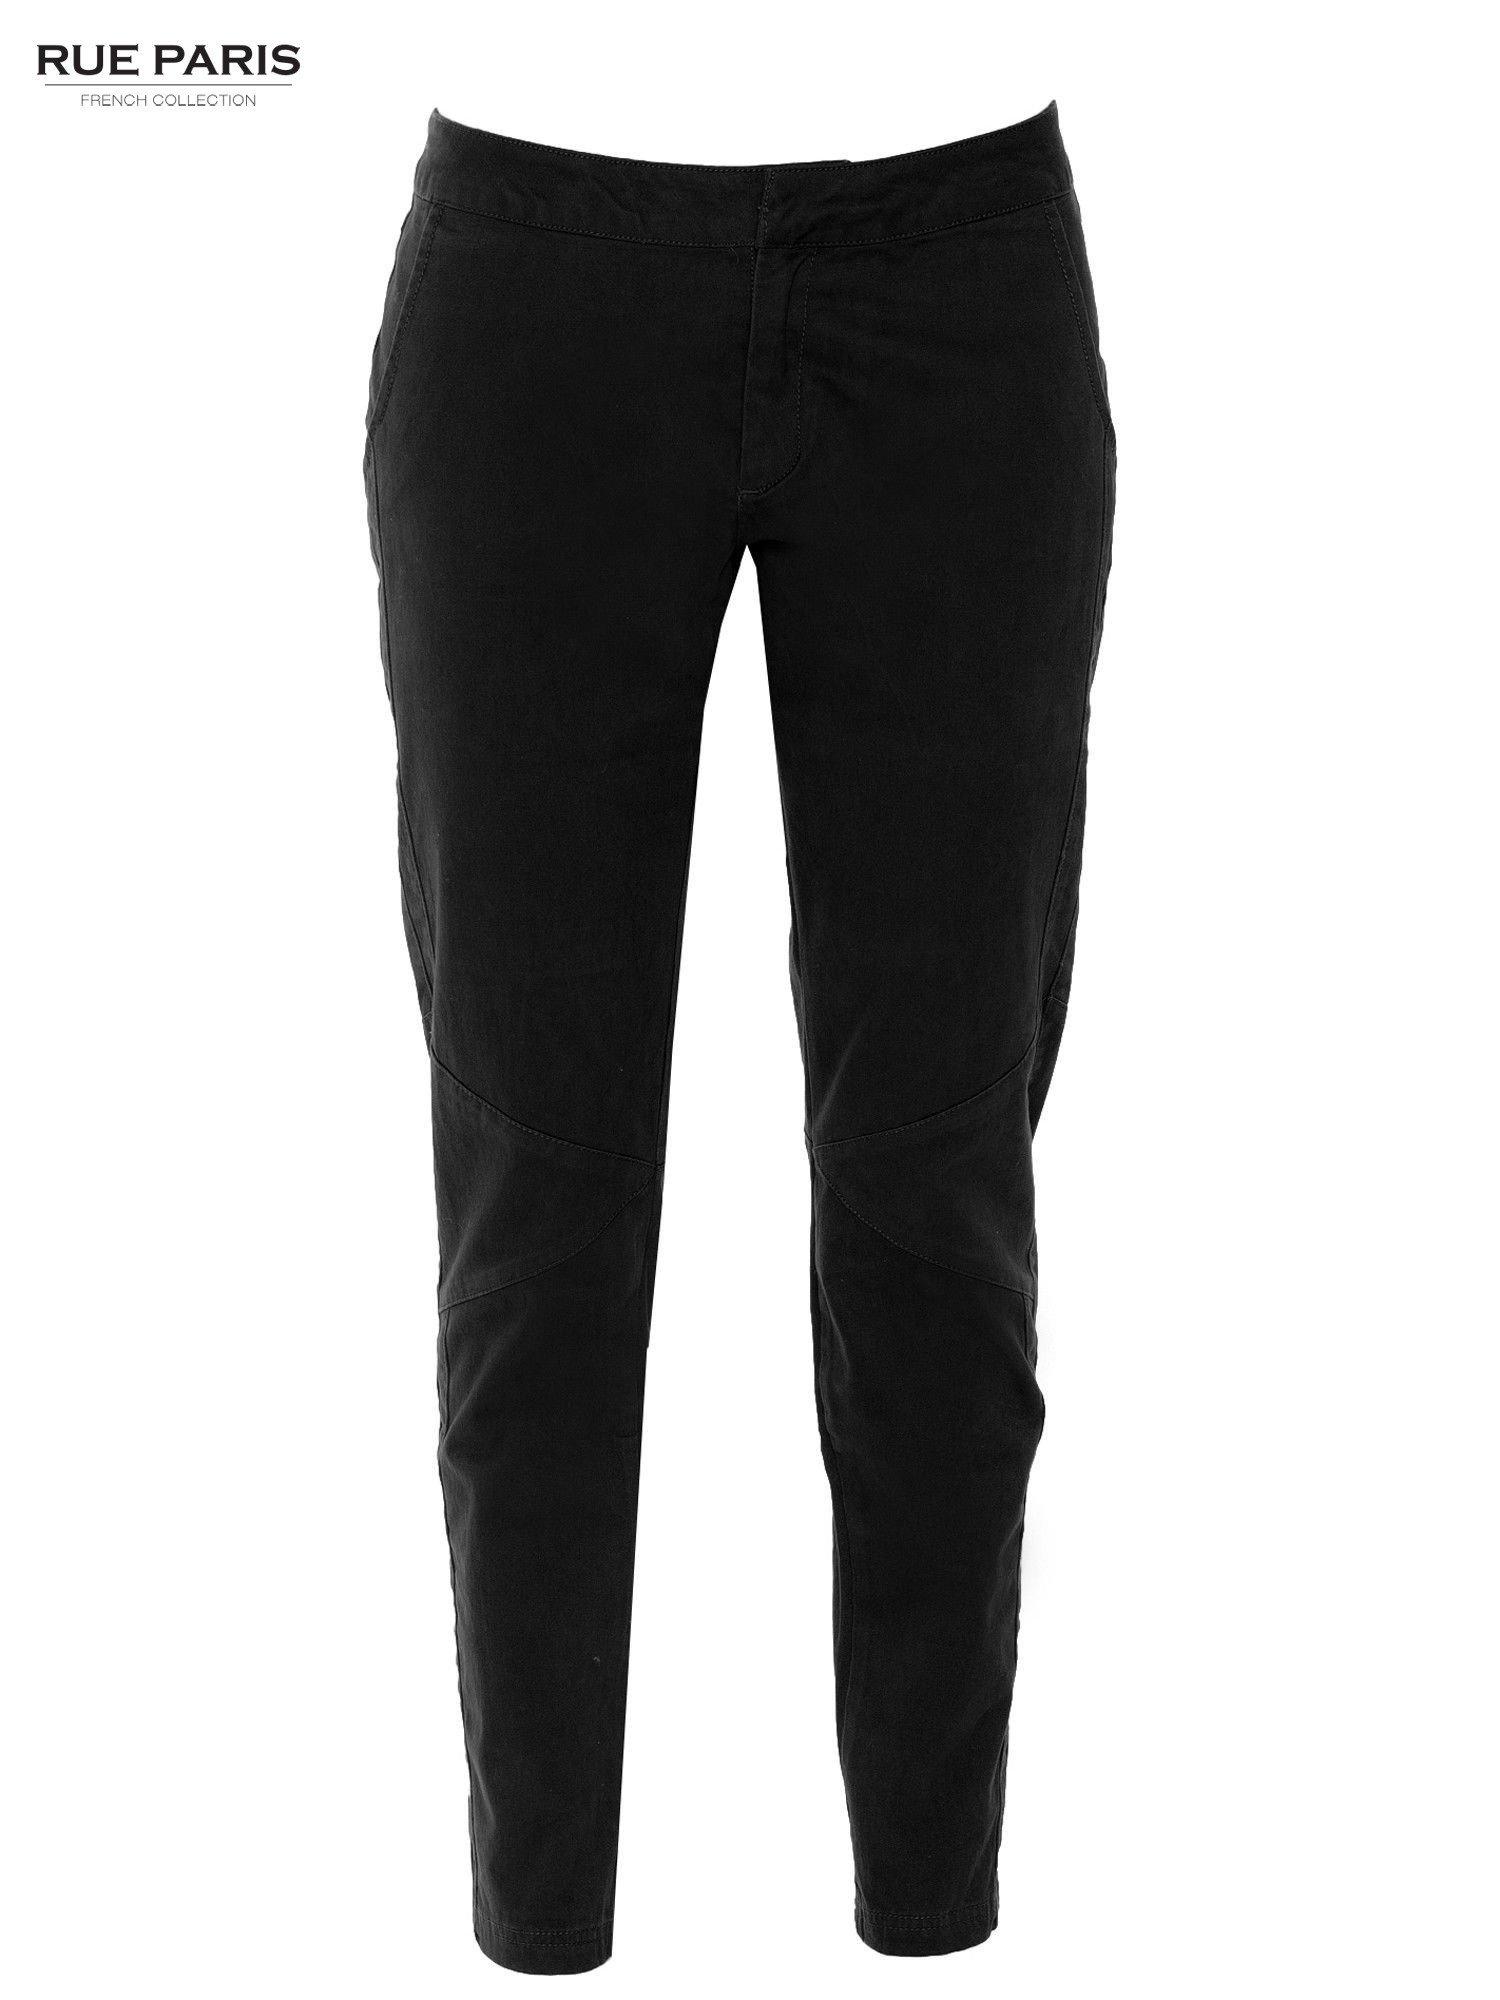 Czarne spodnie materiałowe z przeszyciami na kolanach                                  zdj.                                  8